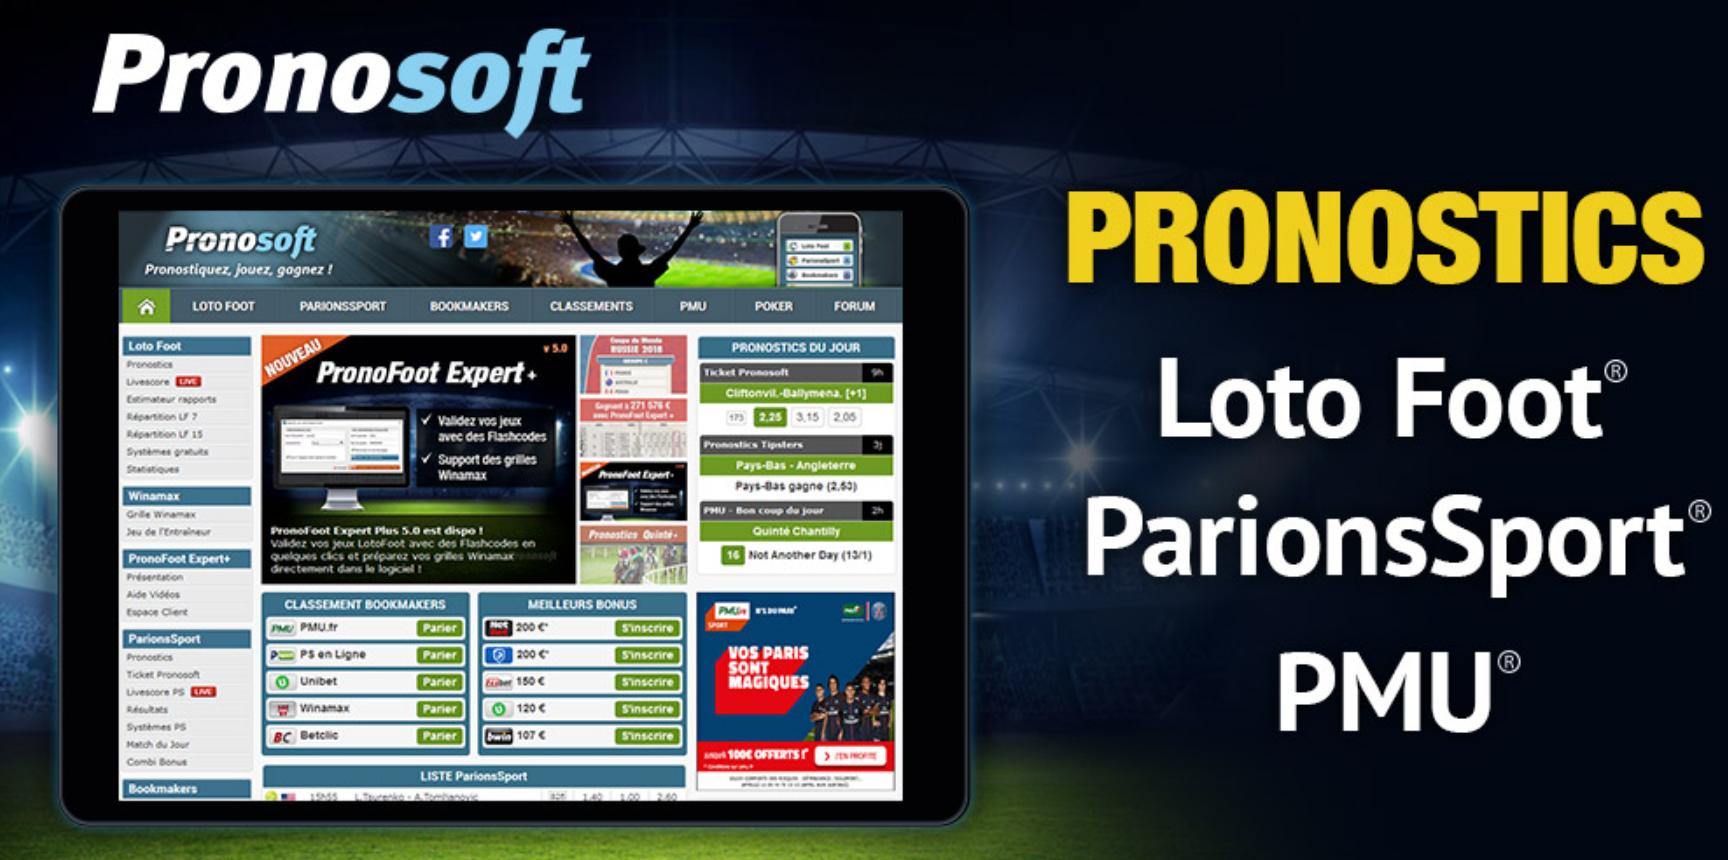 Télécharger Pronosoft: instruction pour les utilisateurs